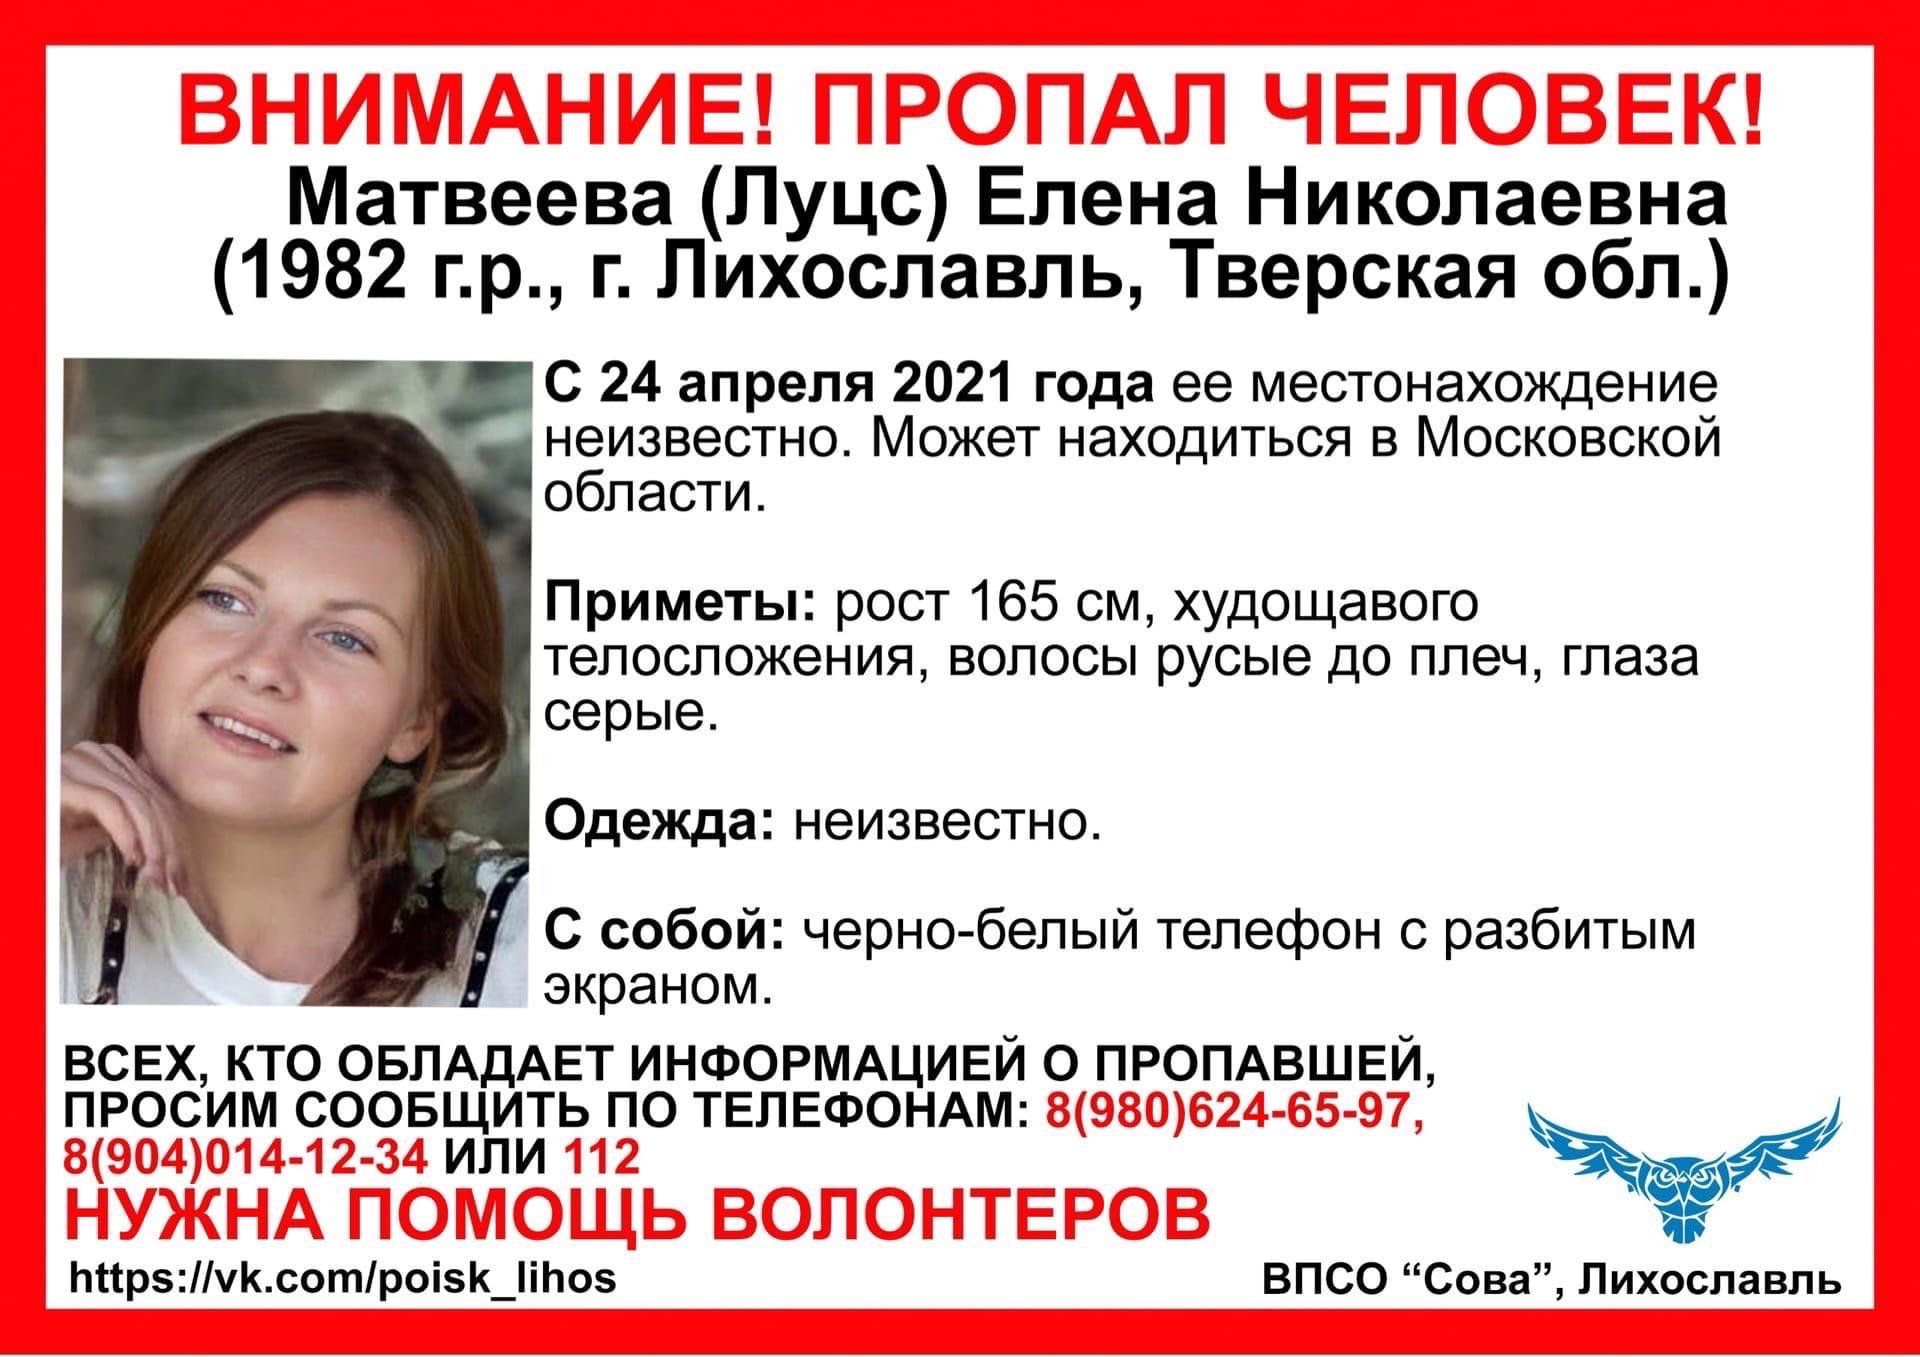 В Лихославле пропала женщина с черно-белым телефоном